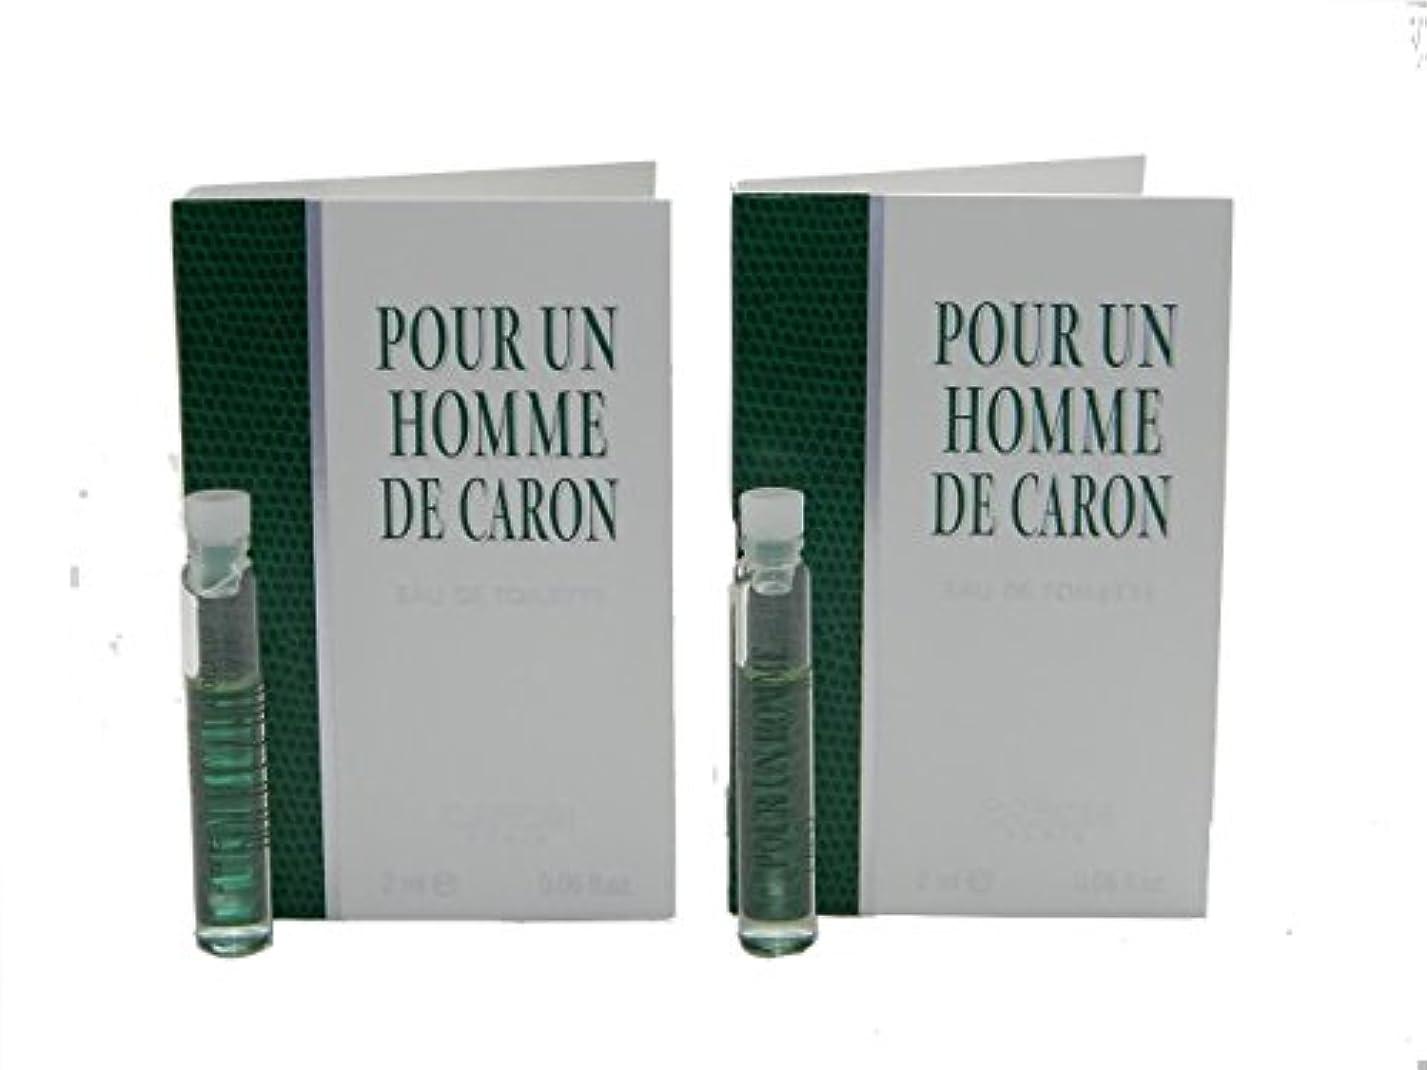 軍隊厚くする規則性Pour Un Homme De Caron EDT Vial Sample [Lot of 2](プール アン オム ド キャロン オードトワレ)2x2ml [並行輸入品]